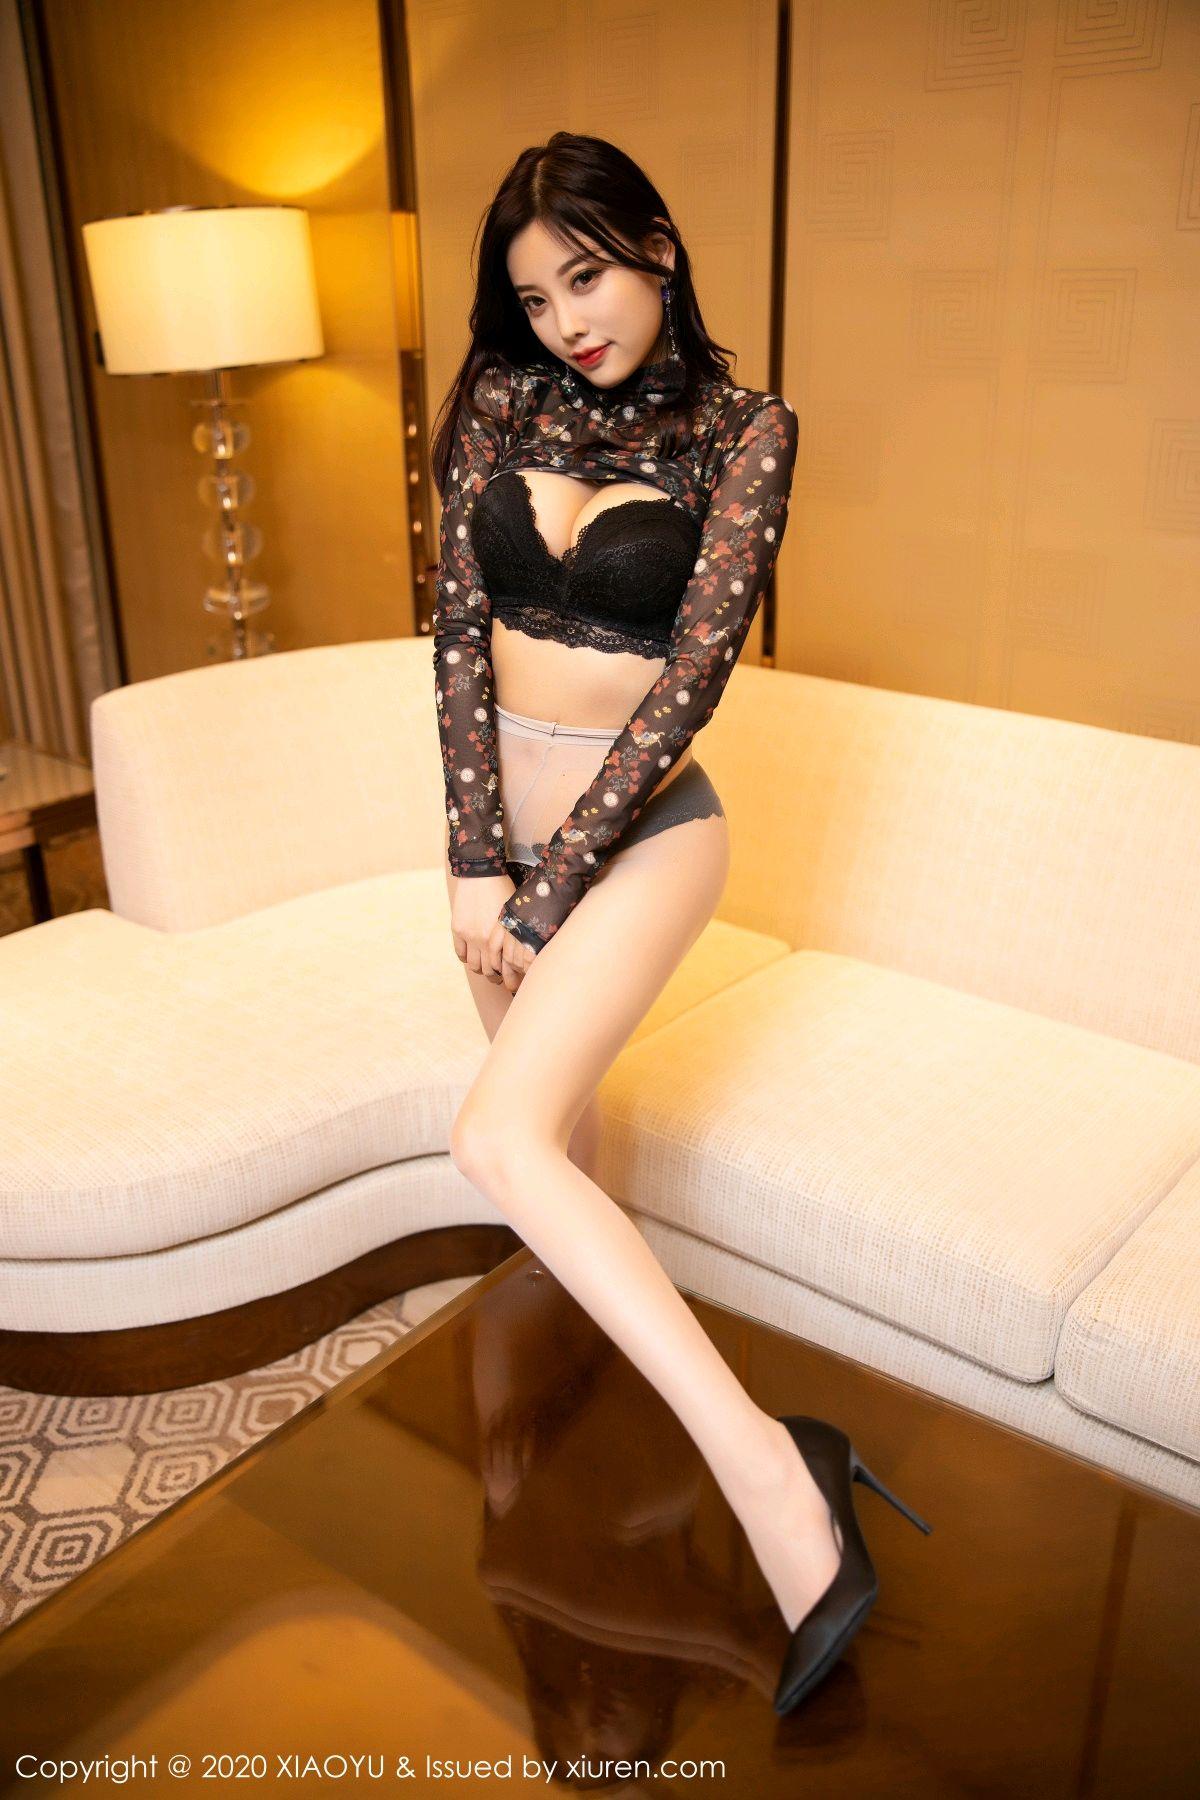 [XiaoYu] Vol.289 Yang Chen Chen 48P, Underwear, XiaoYu, Yang Chen Chen